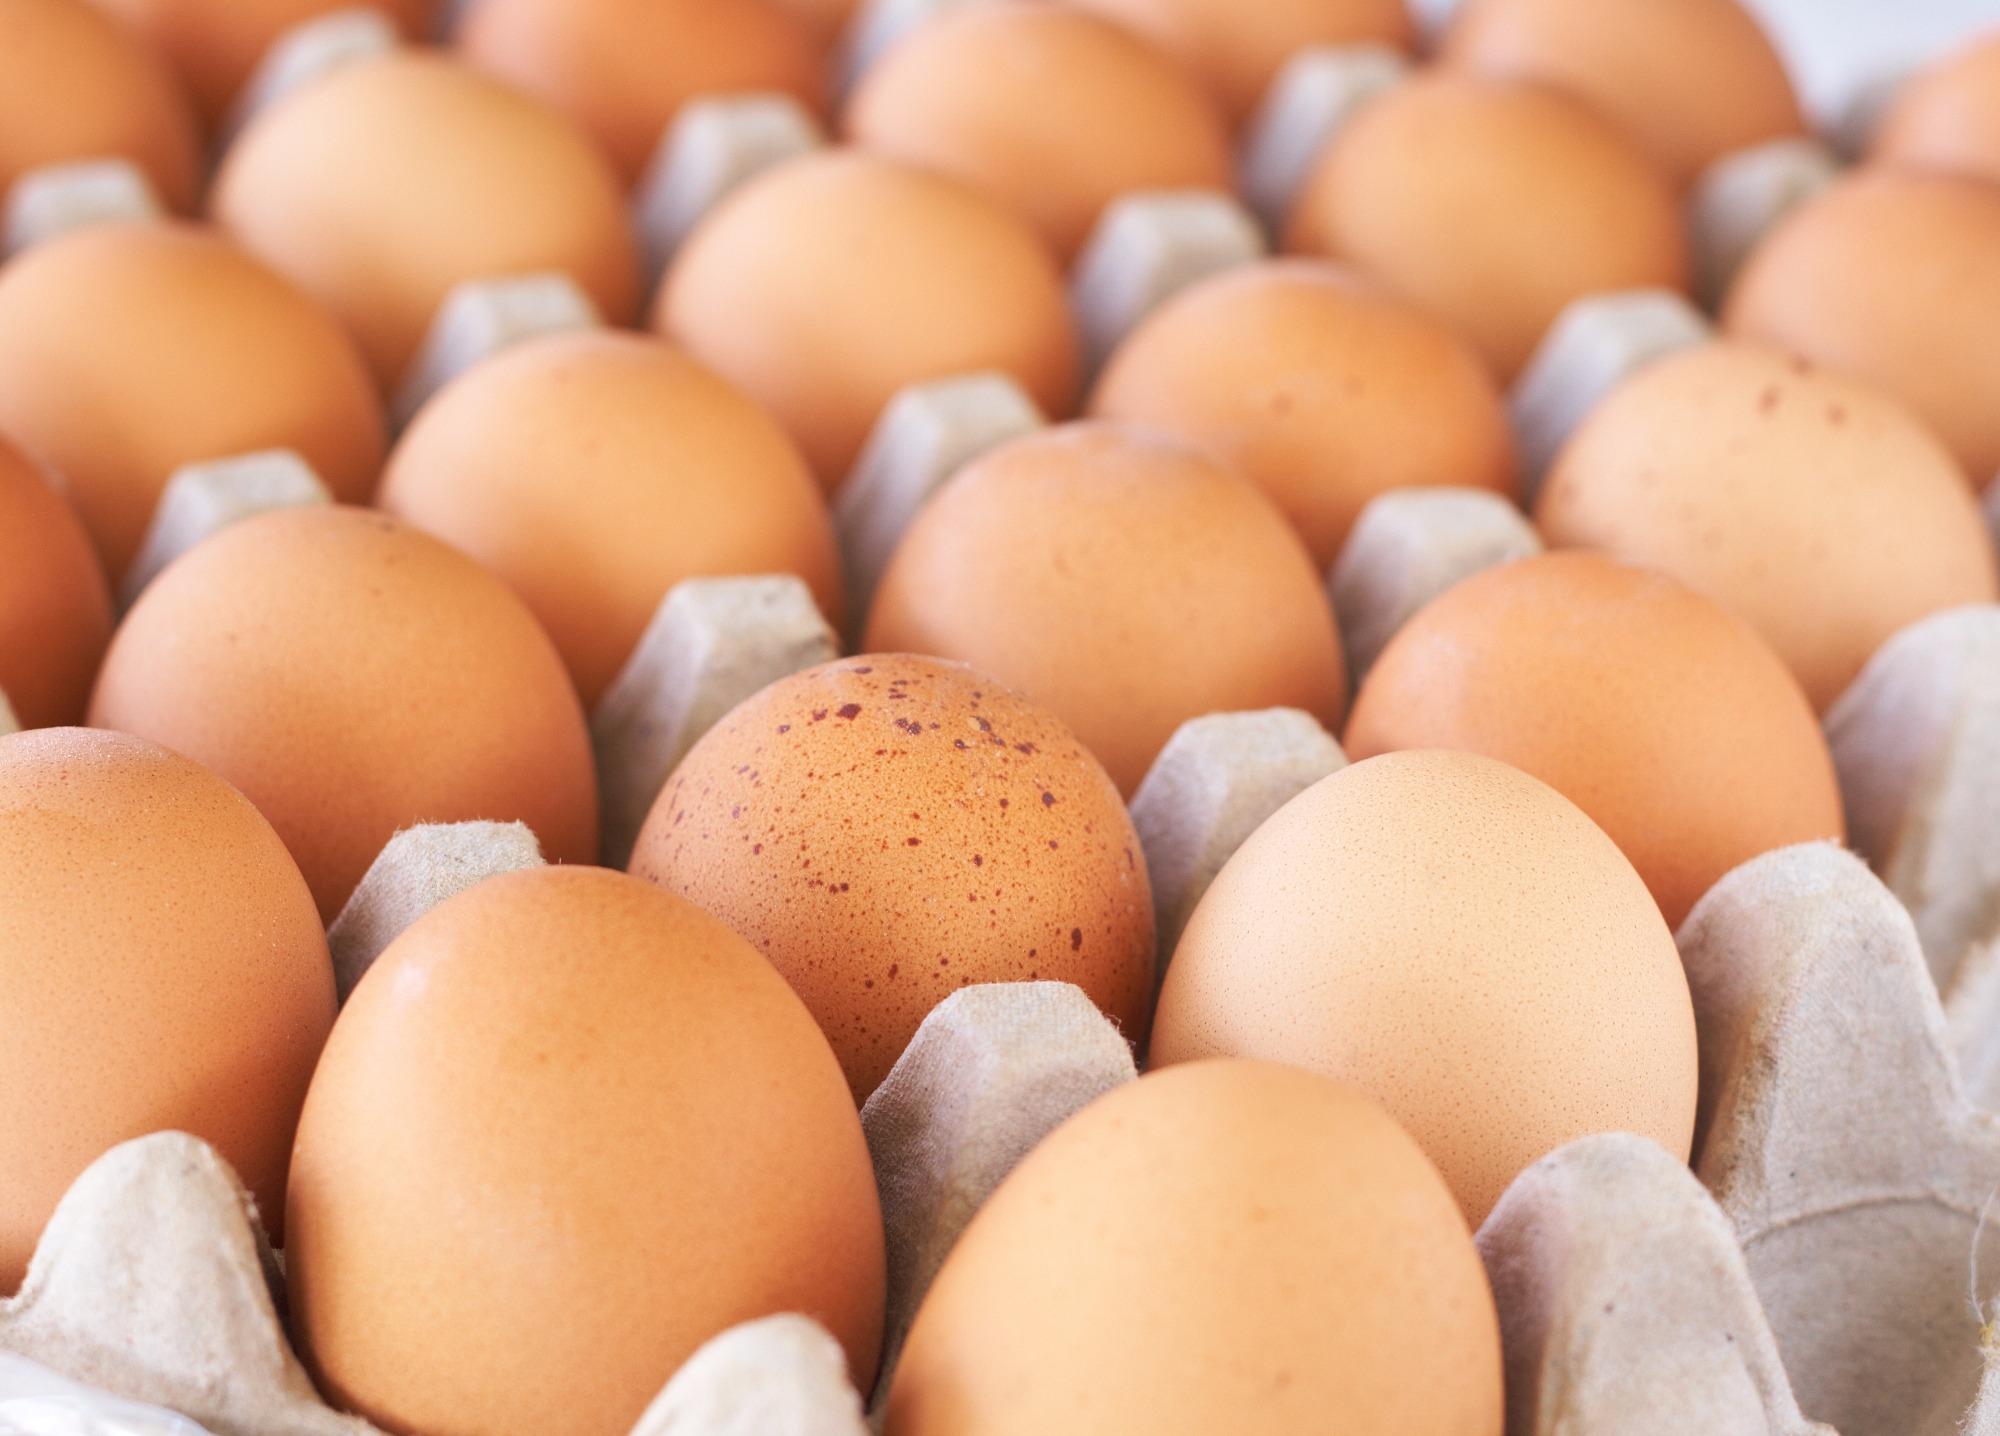 Exportações de ovos começam a cair e preços sobrem no mercado interno